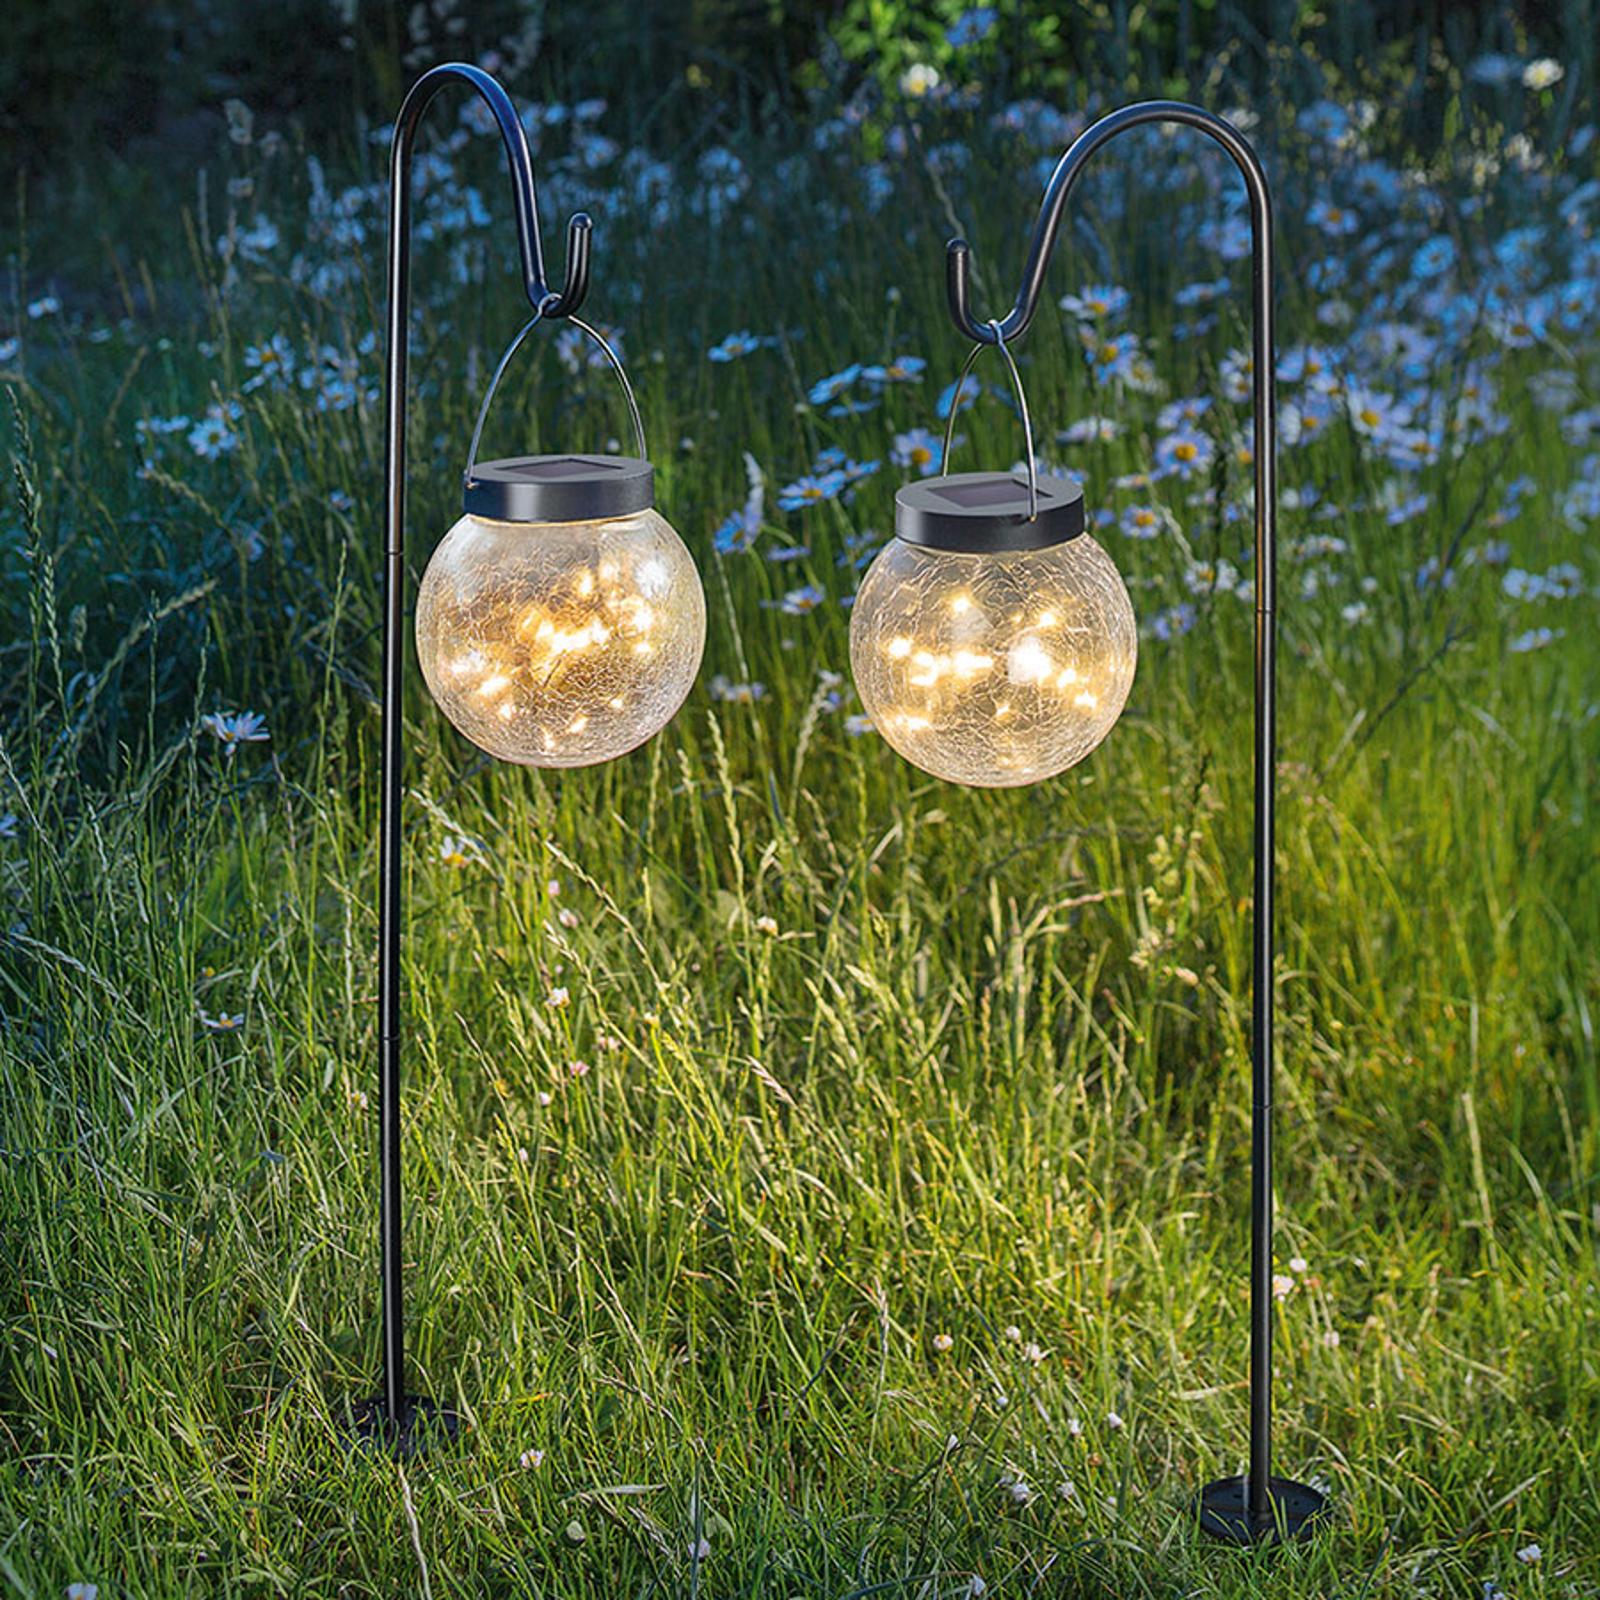 Solární dekorační světla Smart Globe 2ks